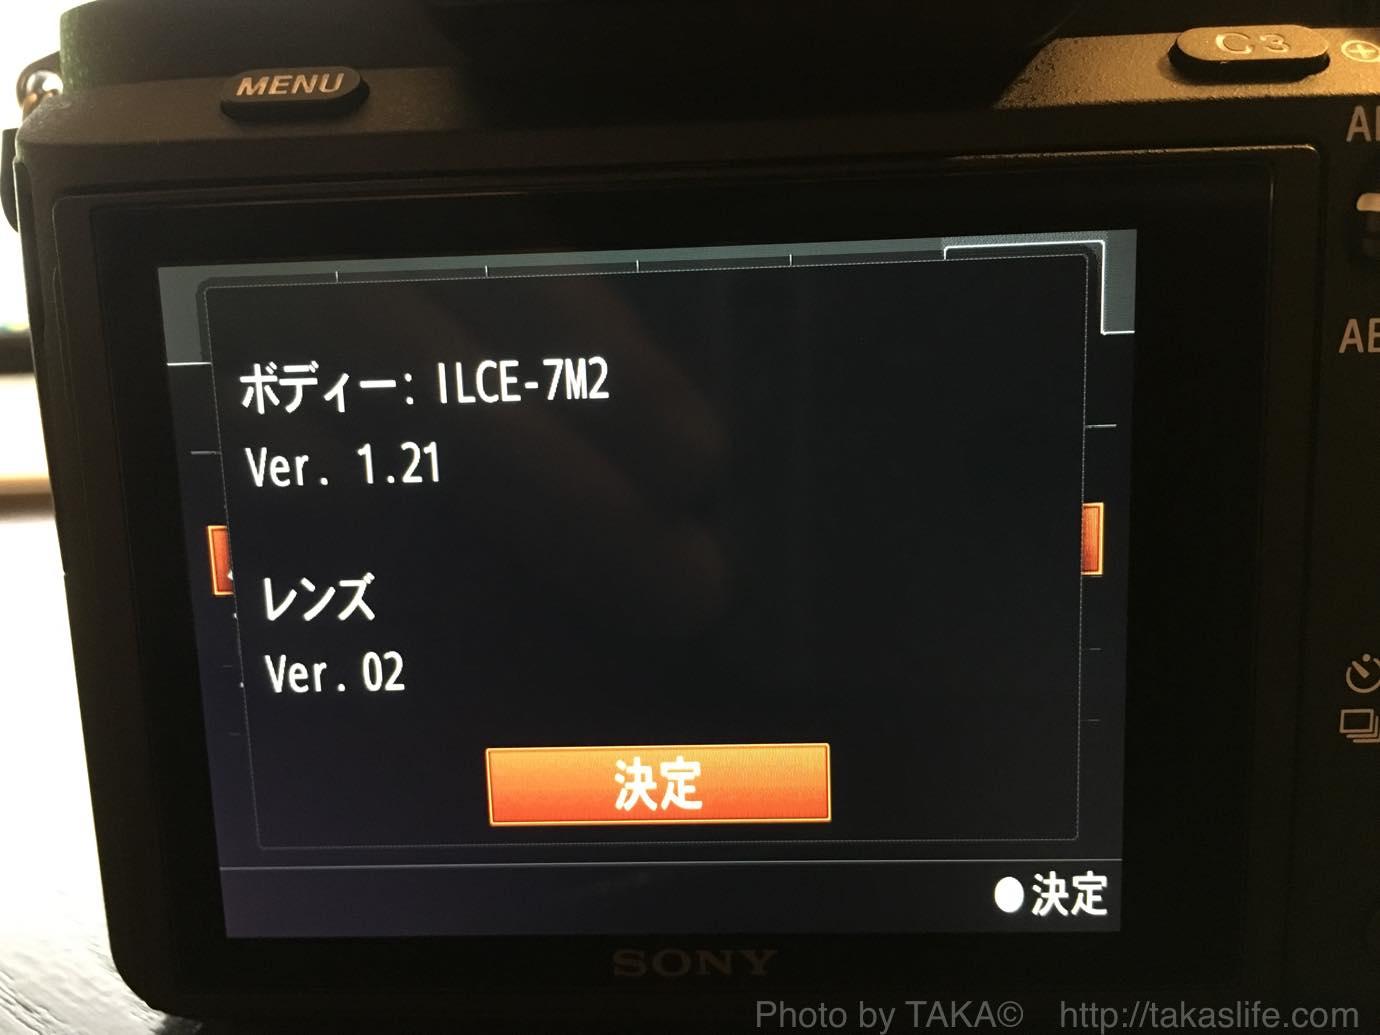 7m2 update 11 20160305 105131